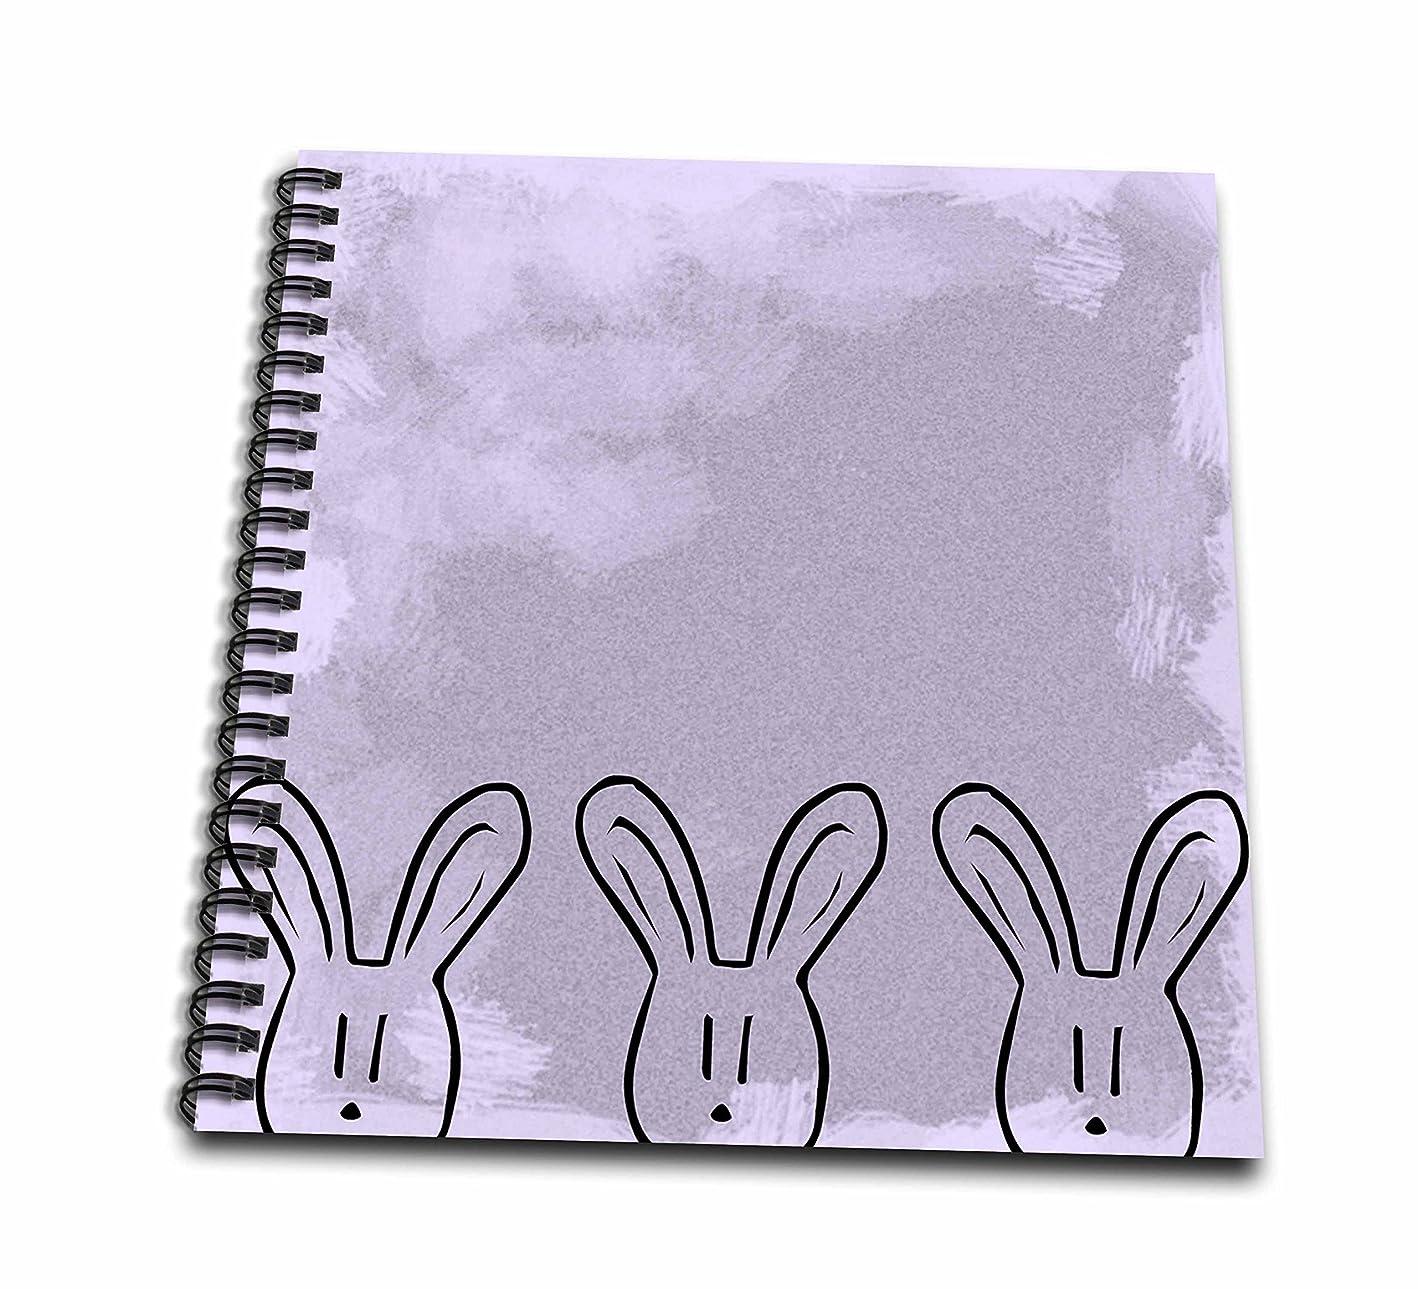 はぁやさしい差し控える(8x8 drawing book) - PS Creations - Three Bunnies - Pastel Purple - Cute Art - Drawing Book